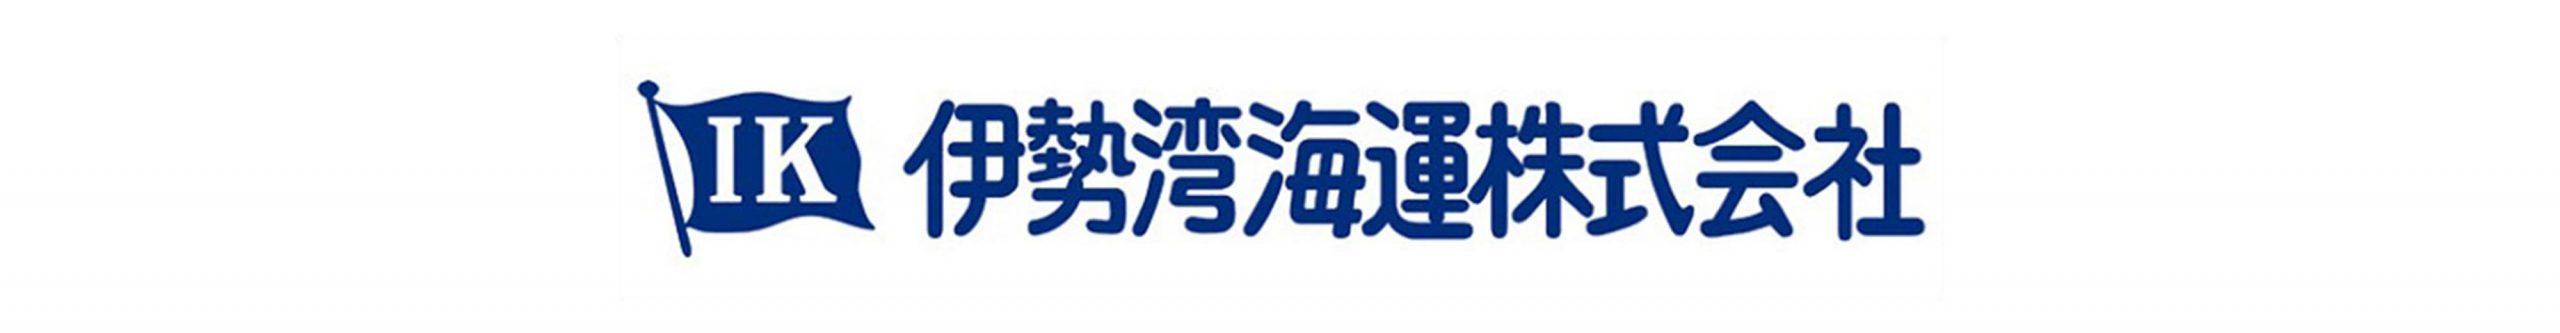 伊勢湾海運株式会社